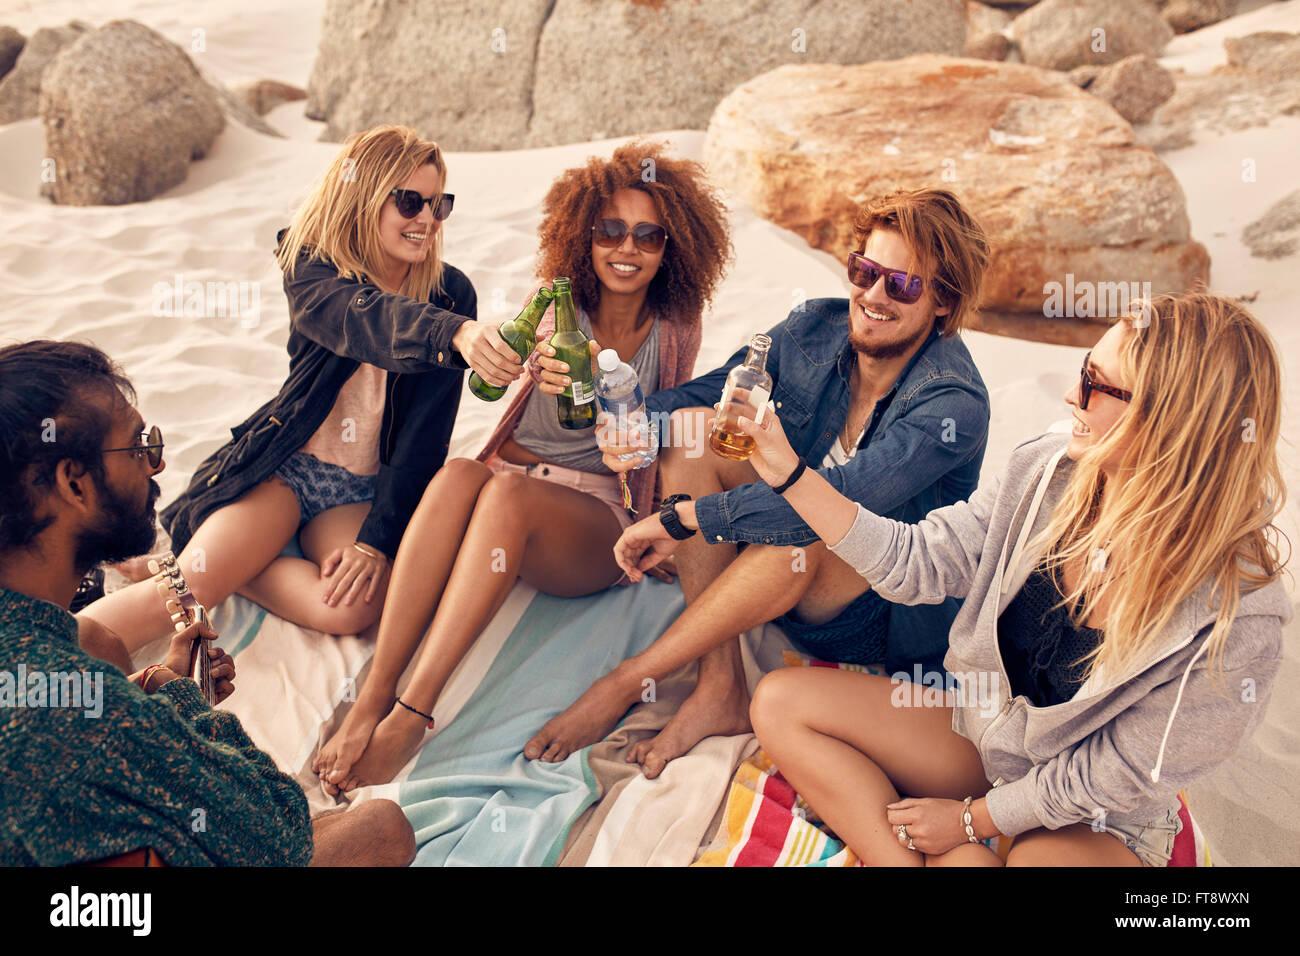 Gruppe von Jugendlichen Toasten Biere beim Sitzen am Strand. Gemischte Rassen Freunde bei einem Drink an der Beach Stockbild